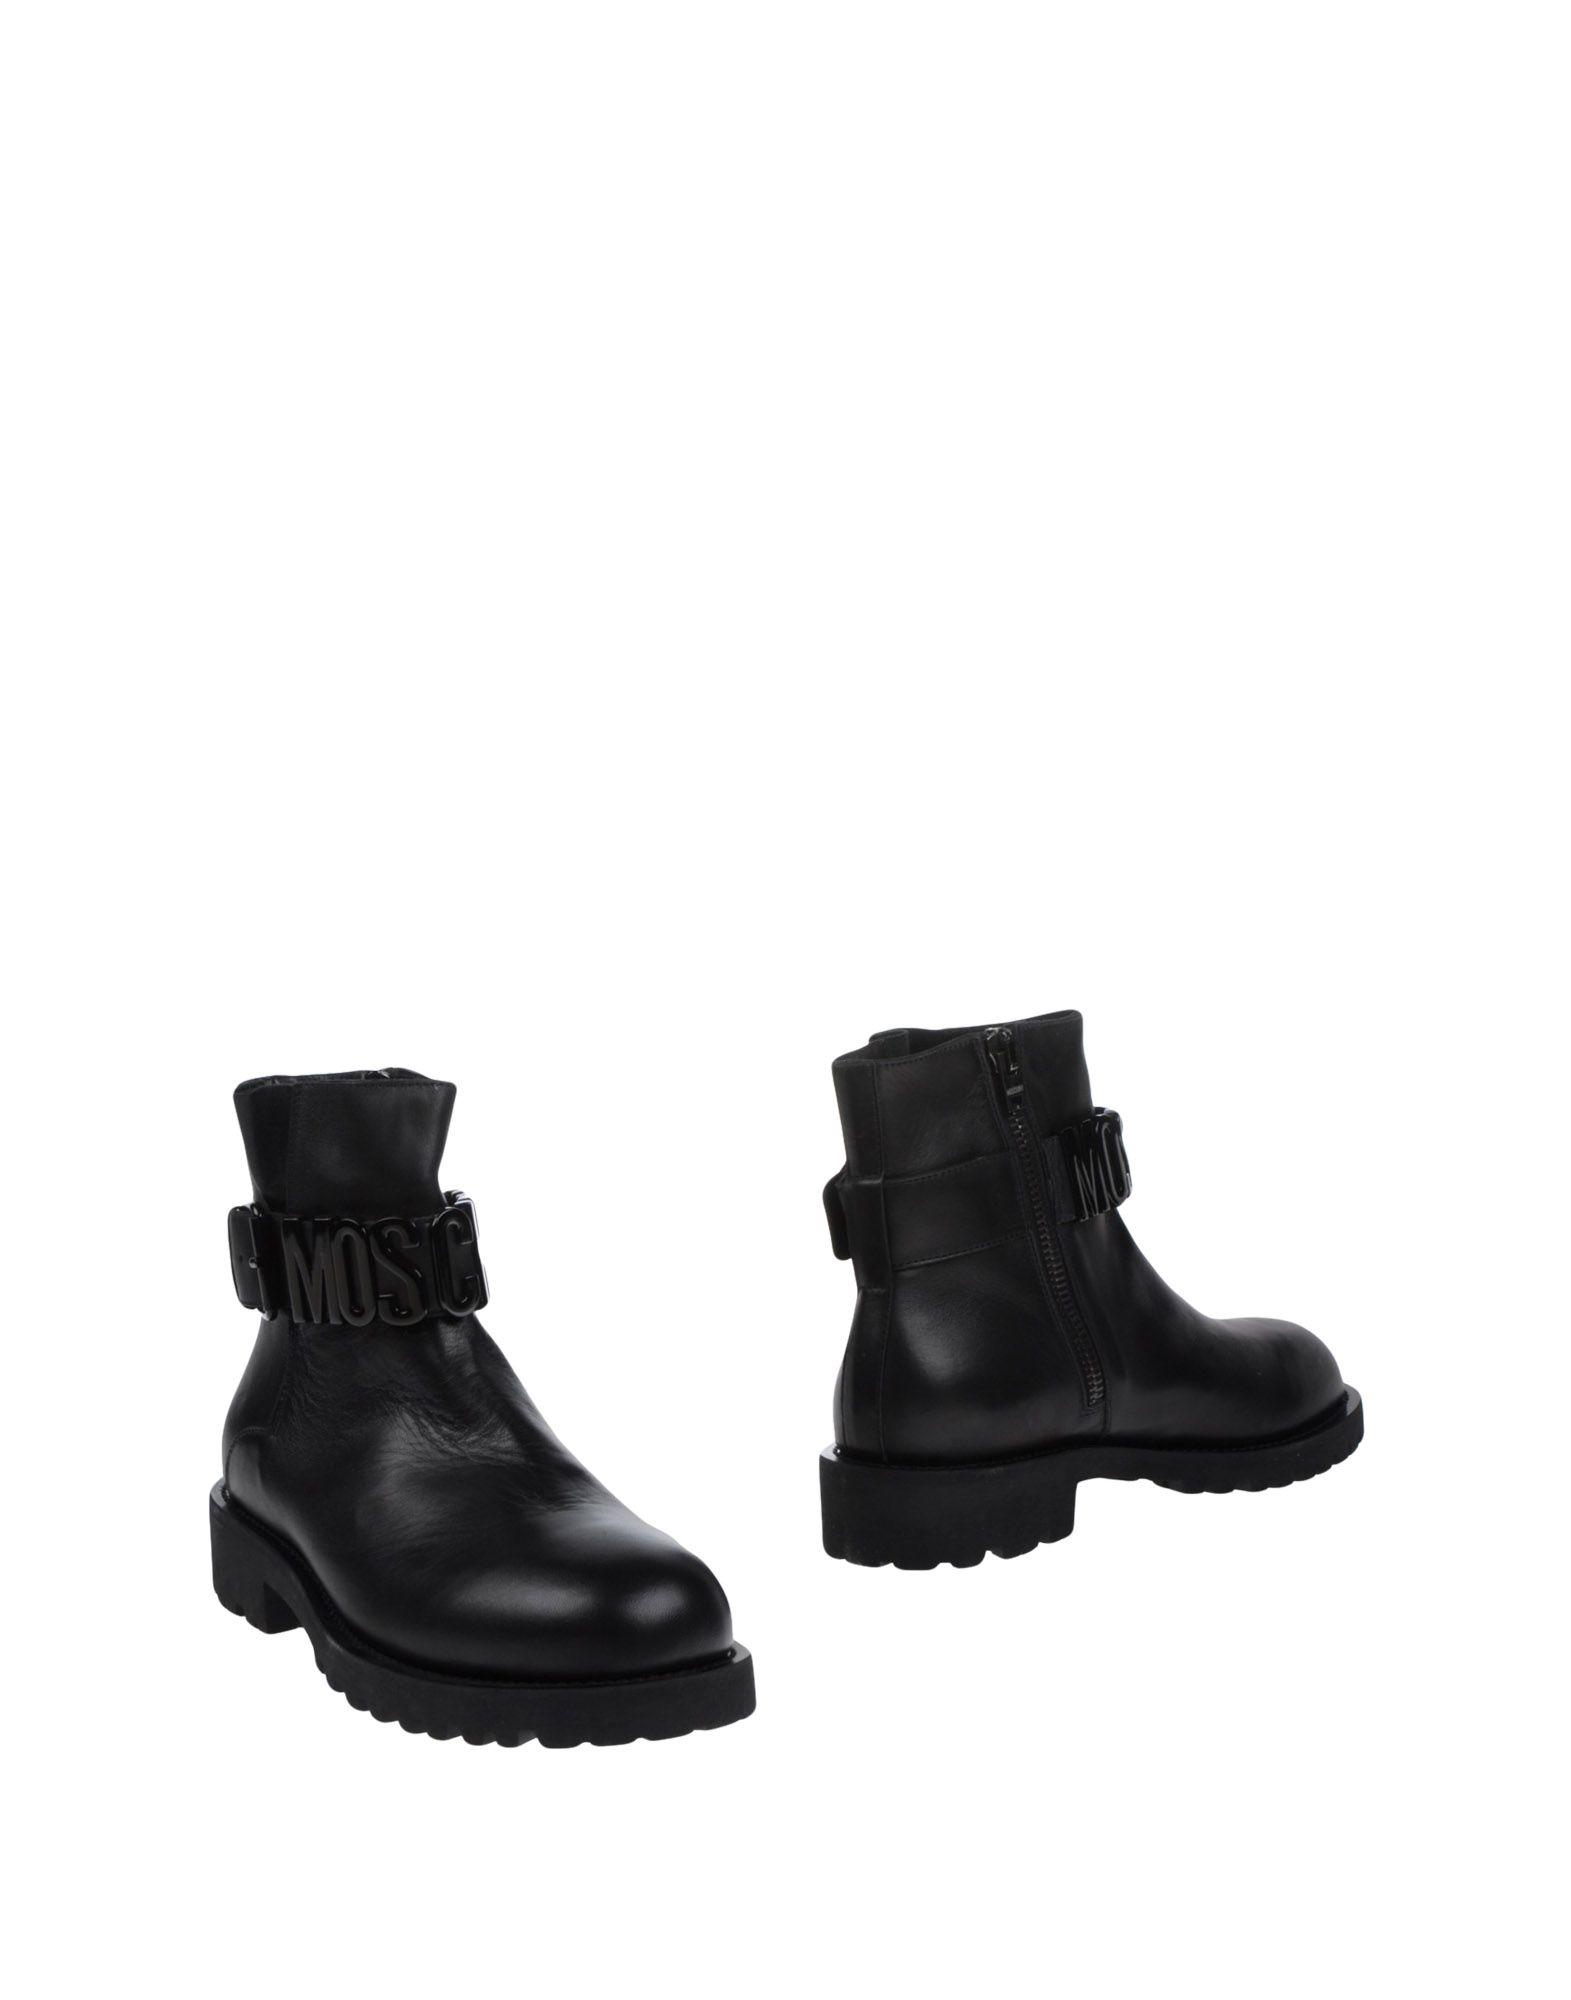 Moschino Stiefelette Herren  11263867EV Heiße Schuhe 063697